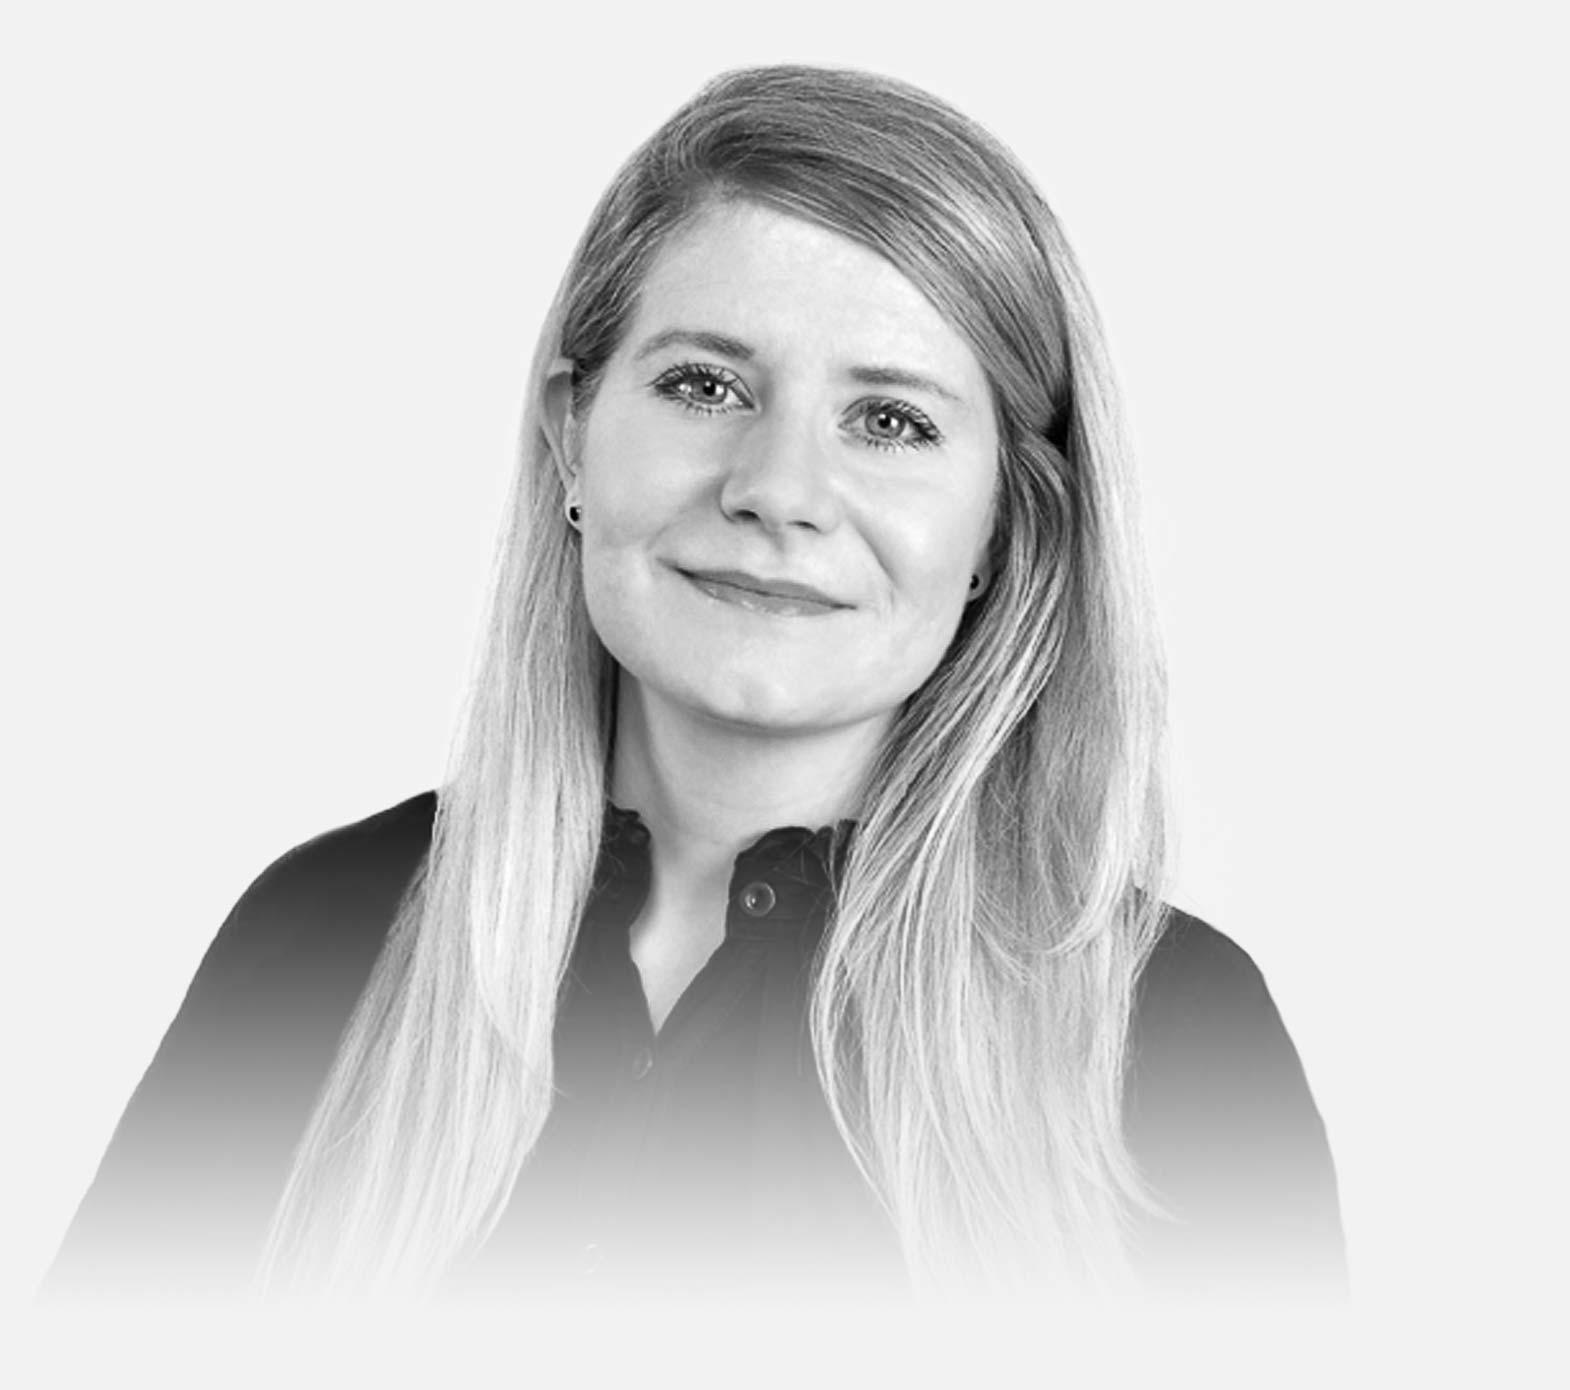 Portrait of Julie Steinhagen